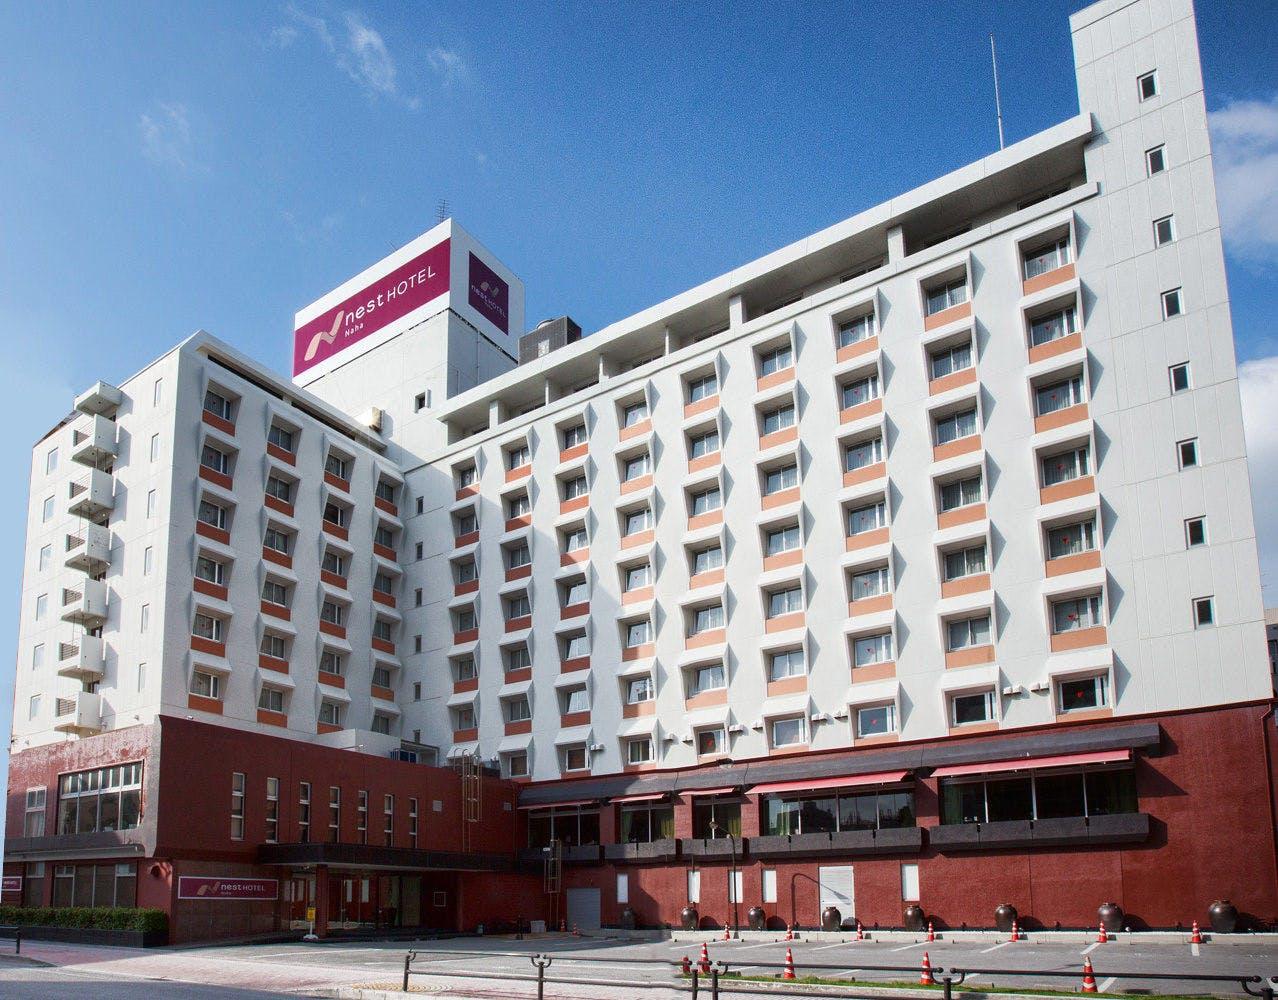 ネストホテル那覇 写真1